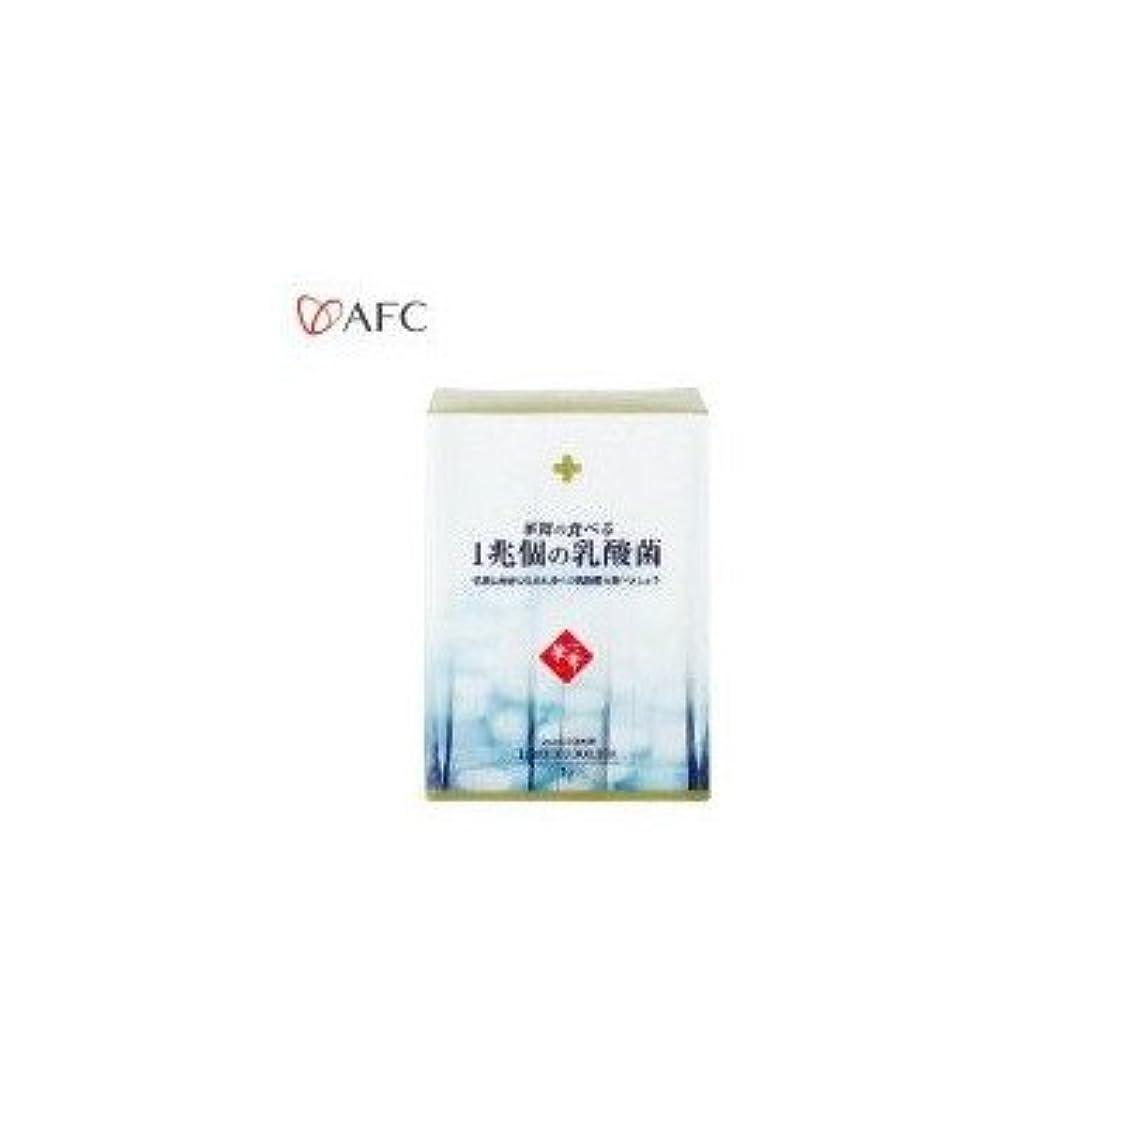 光沢のある臨検制限されたAFC 華舞シリーズ 華舞の1兆個の乳酸菌 スティックタイプ 30g(1g×30本) 3222